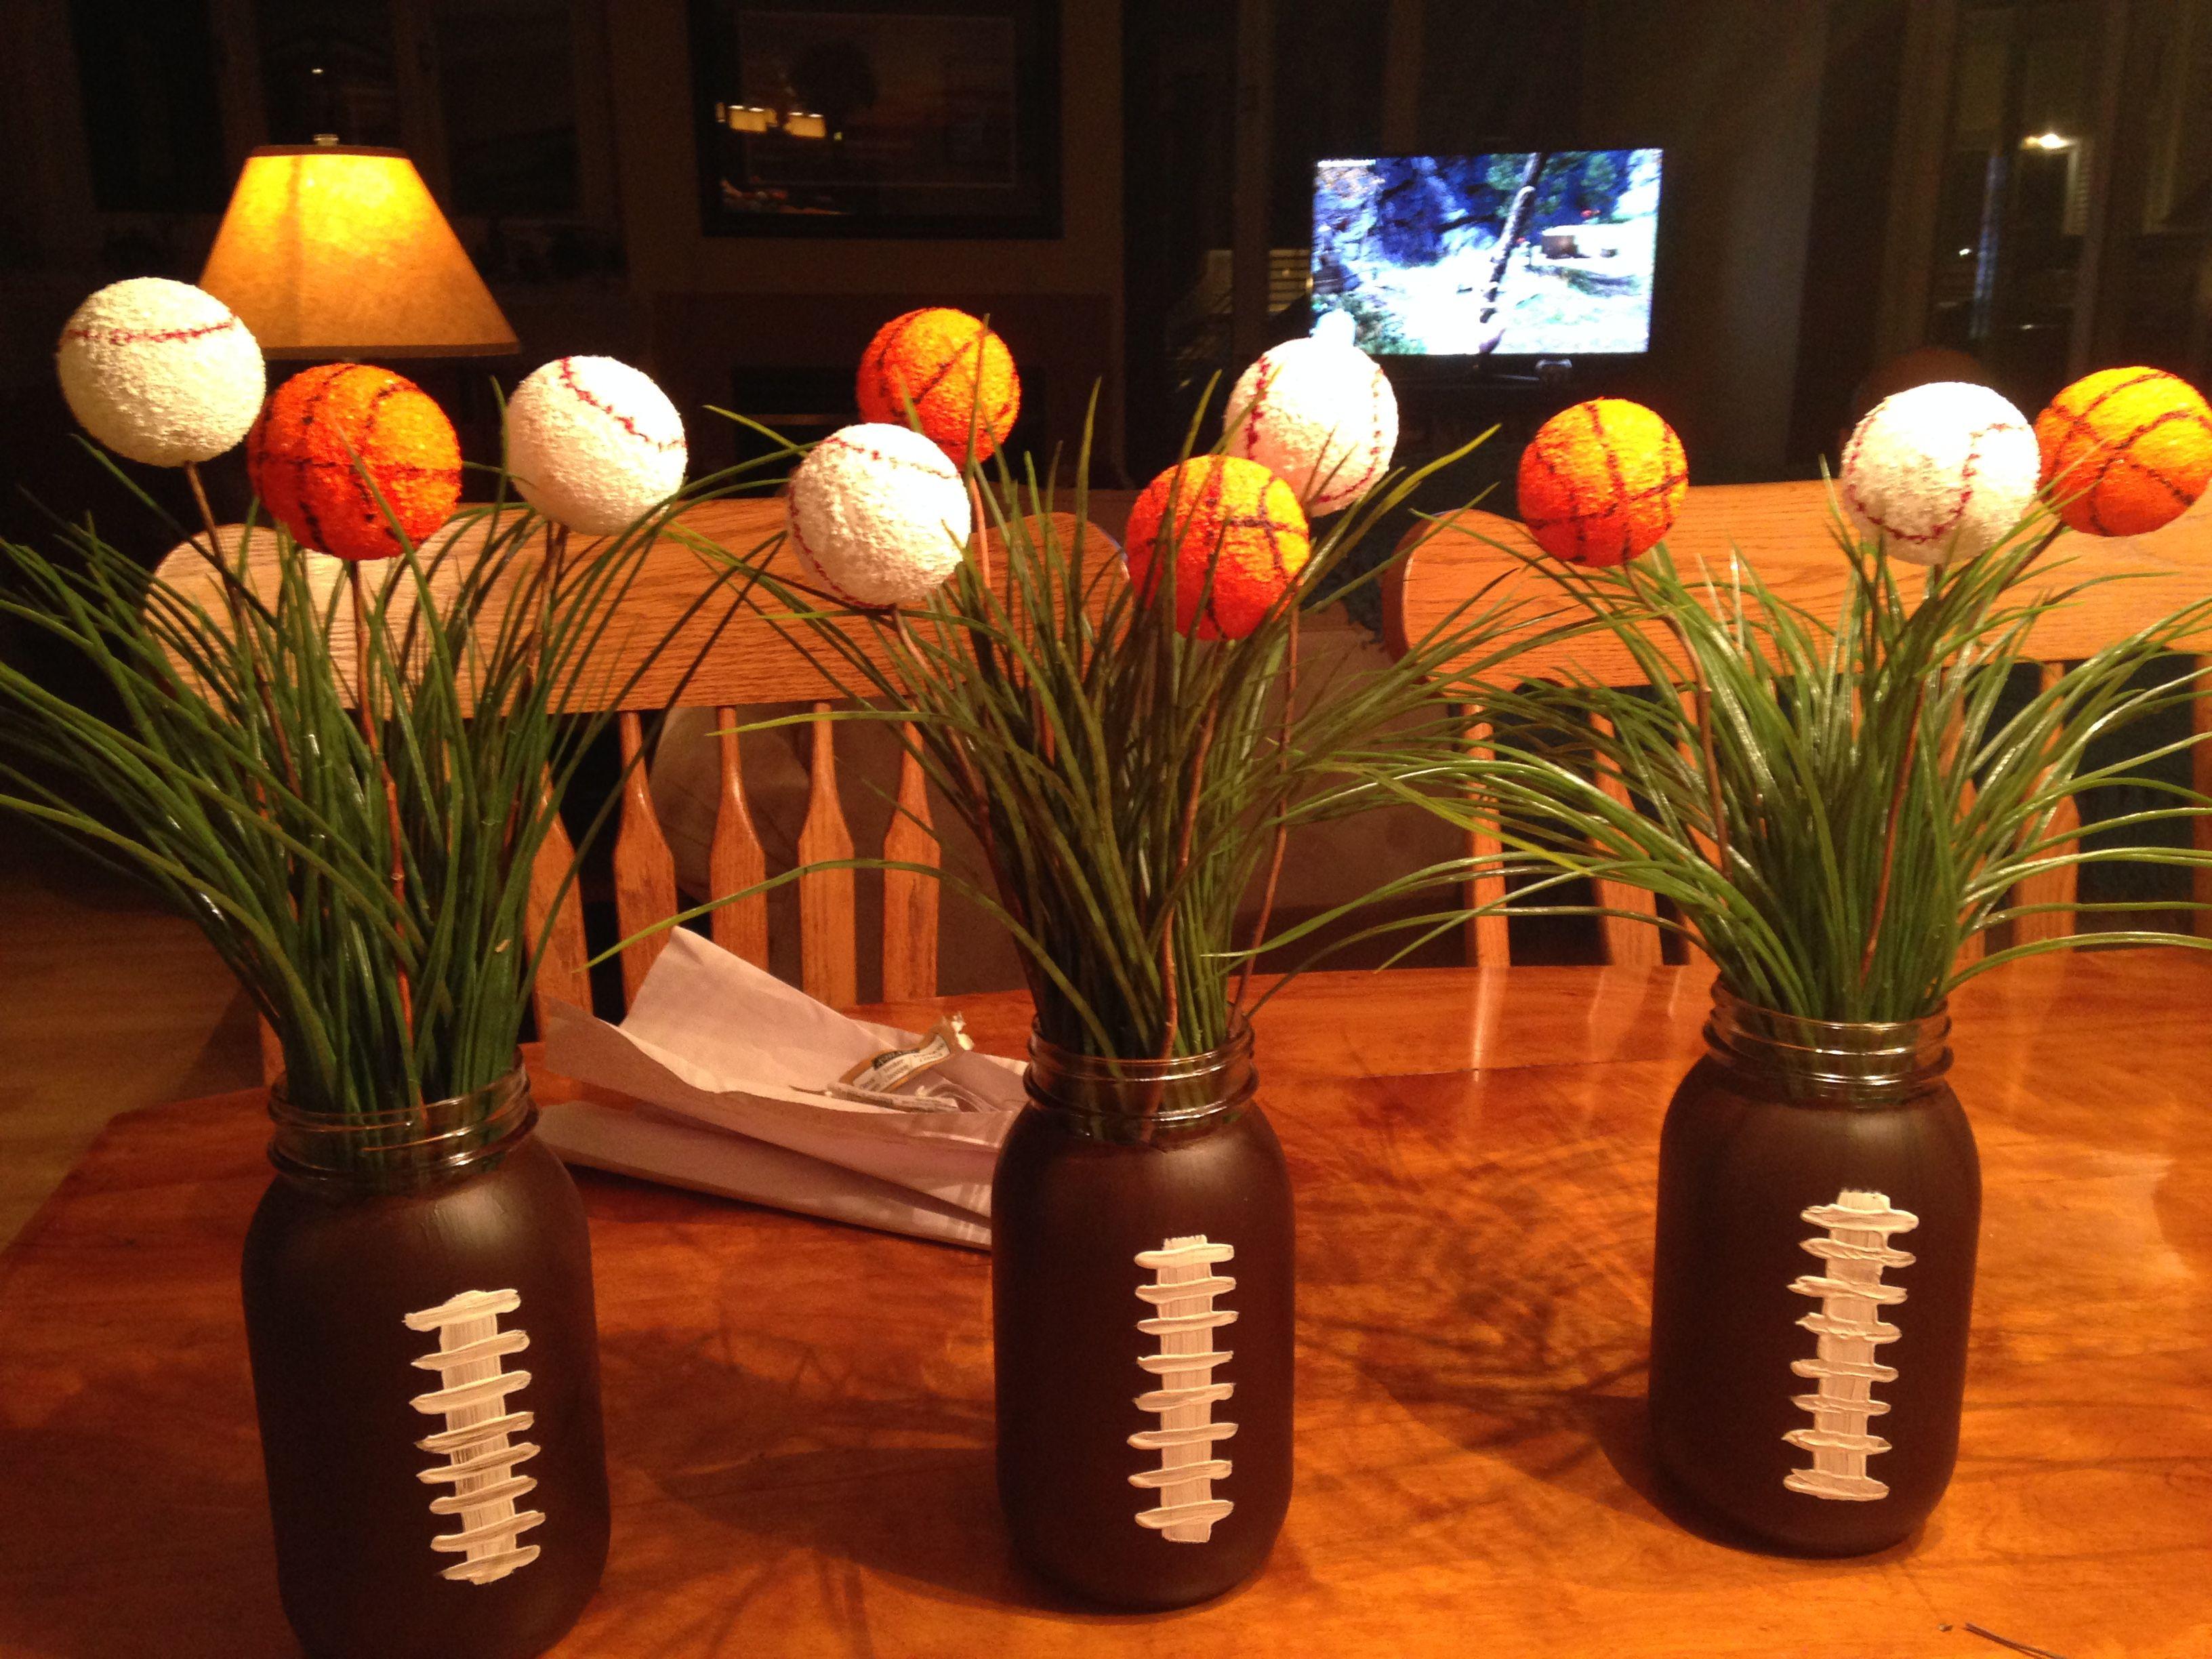 Mason jars painted as footballs and styrofoam baseballs and